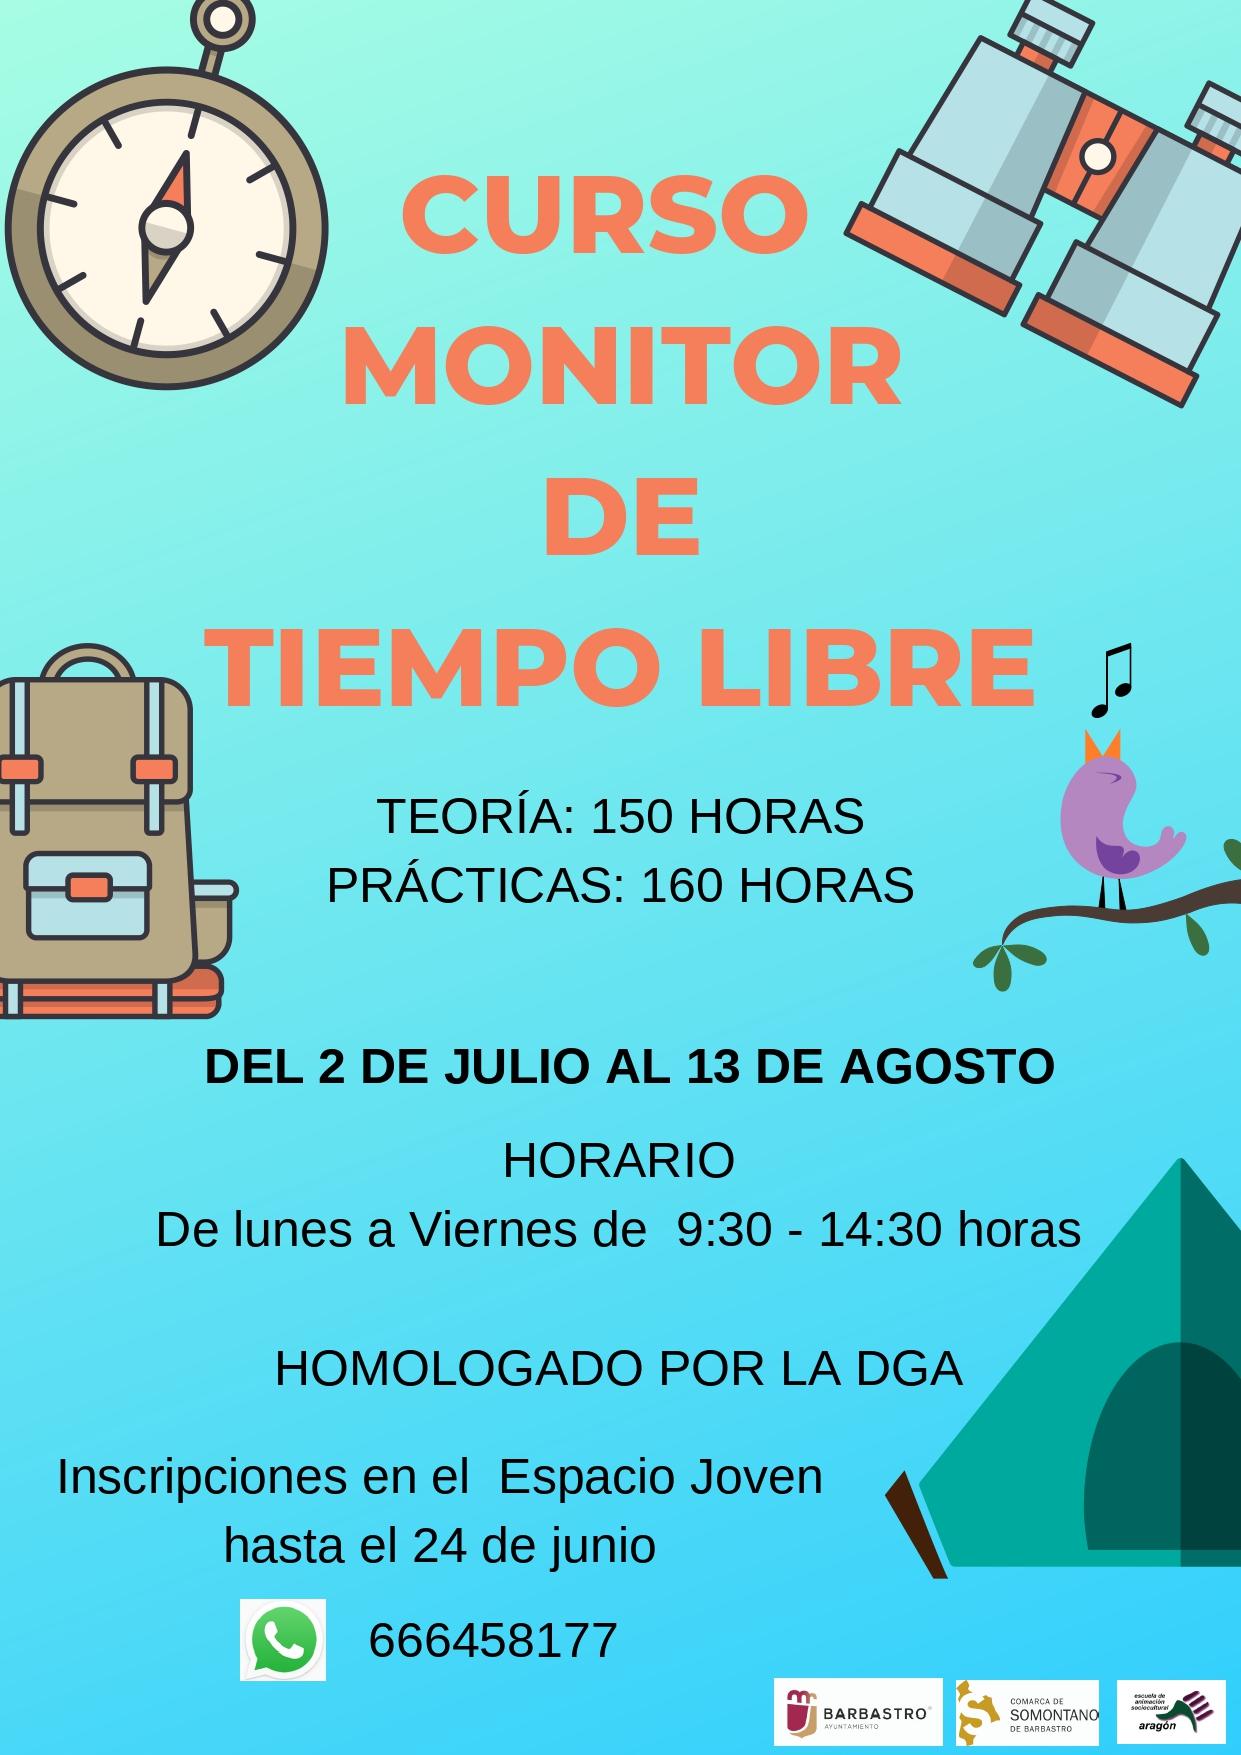 CURSO DE MONITOR DE TIEMPO LIBRE_page-0001